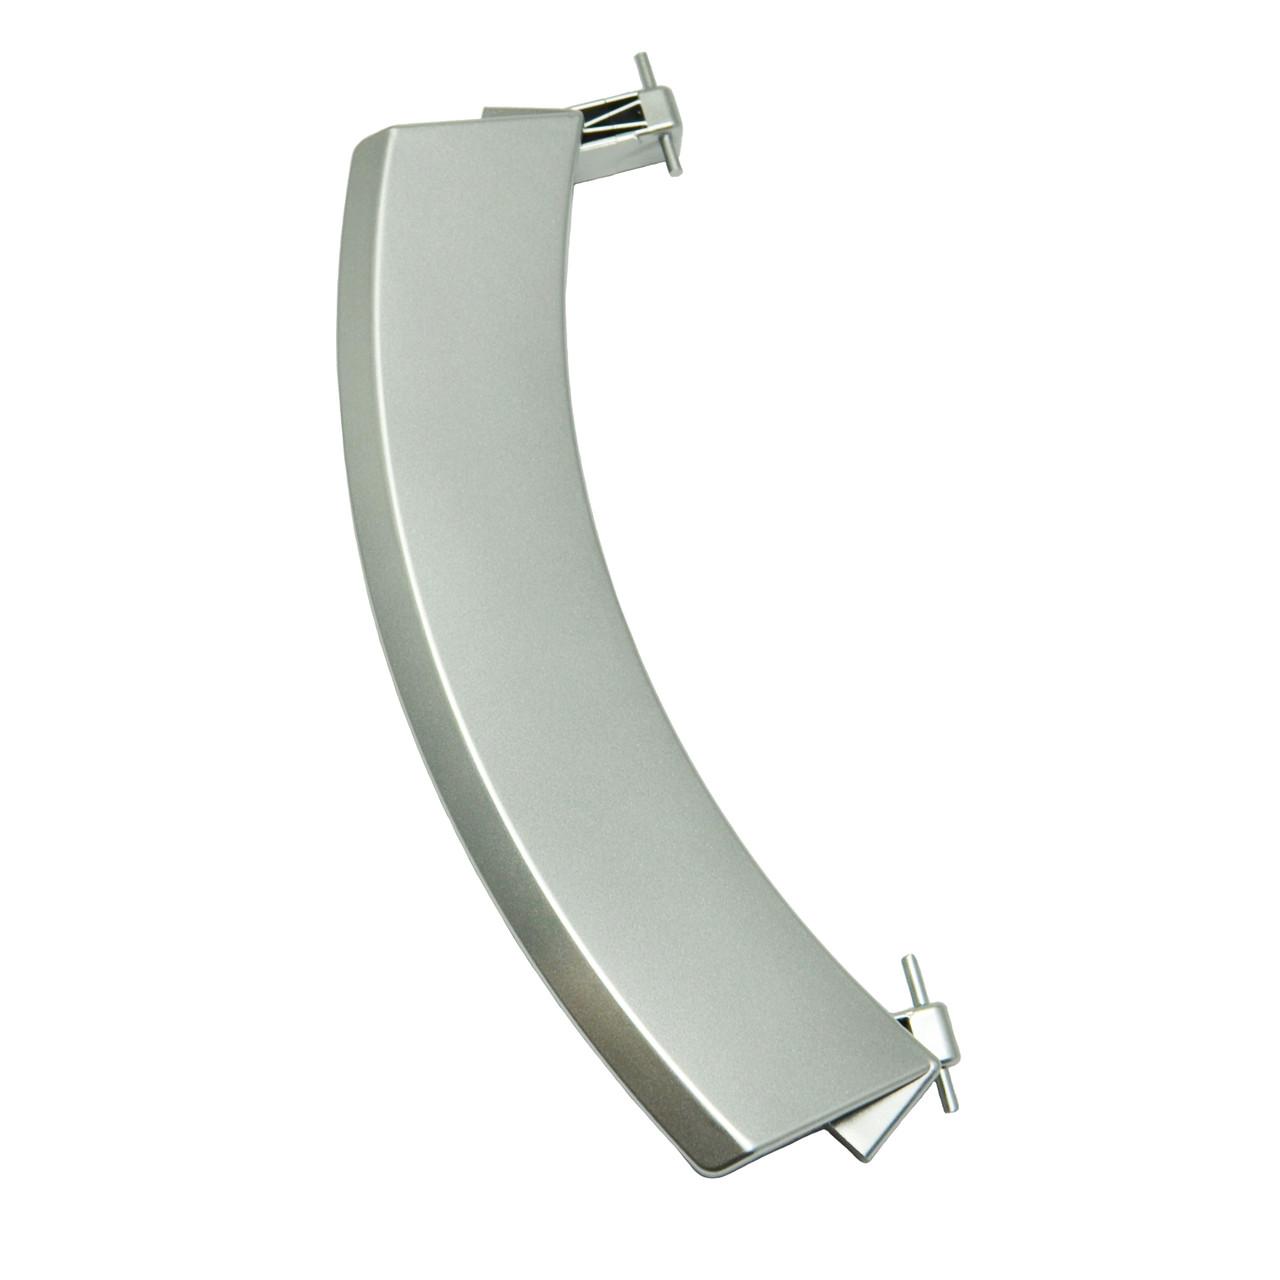 Ручка люка для стиральной машины Bosch, Siemens 00751783